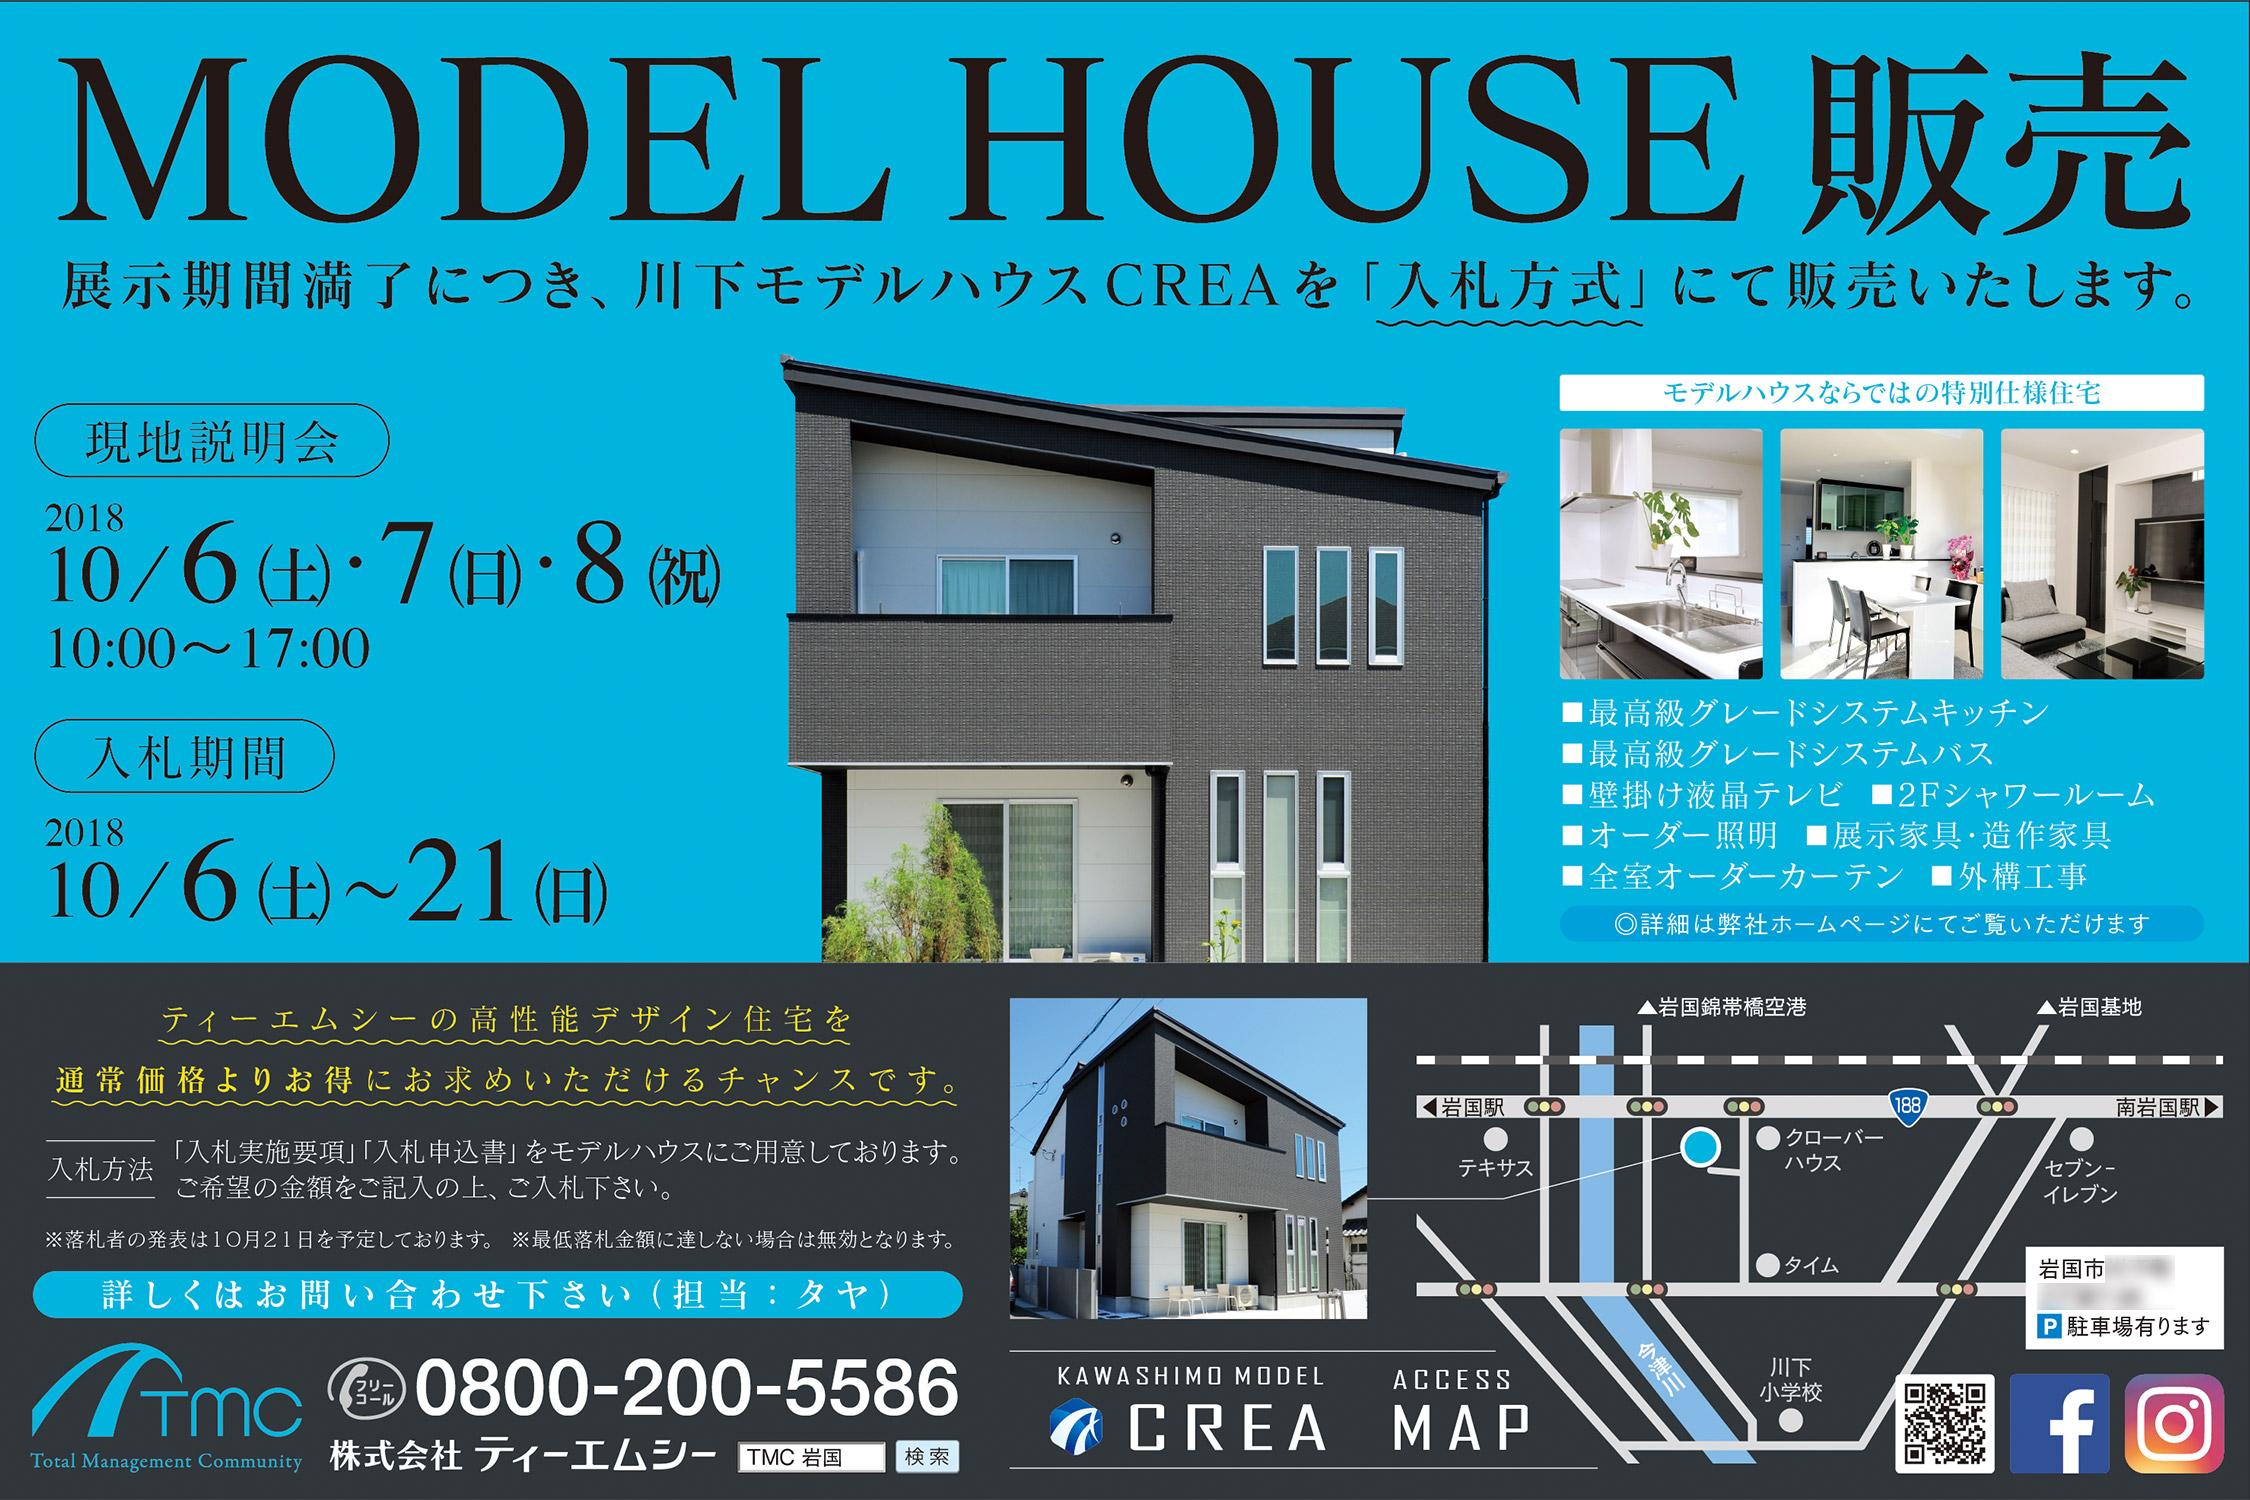 モデルハウス販売広告 ほっぷ岩国版第254号 株式会社ティーエムシー